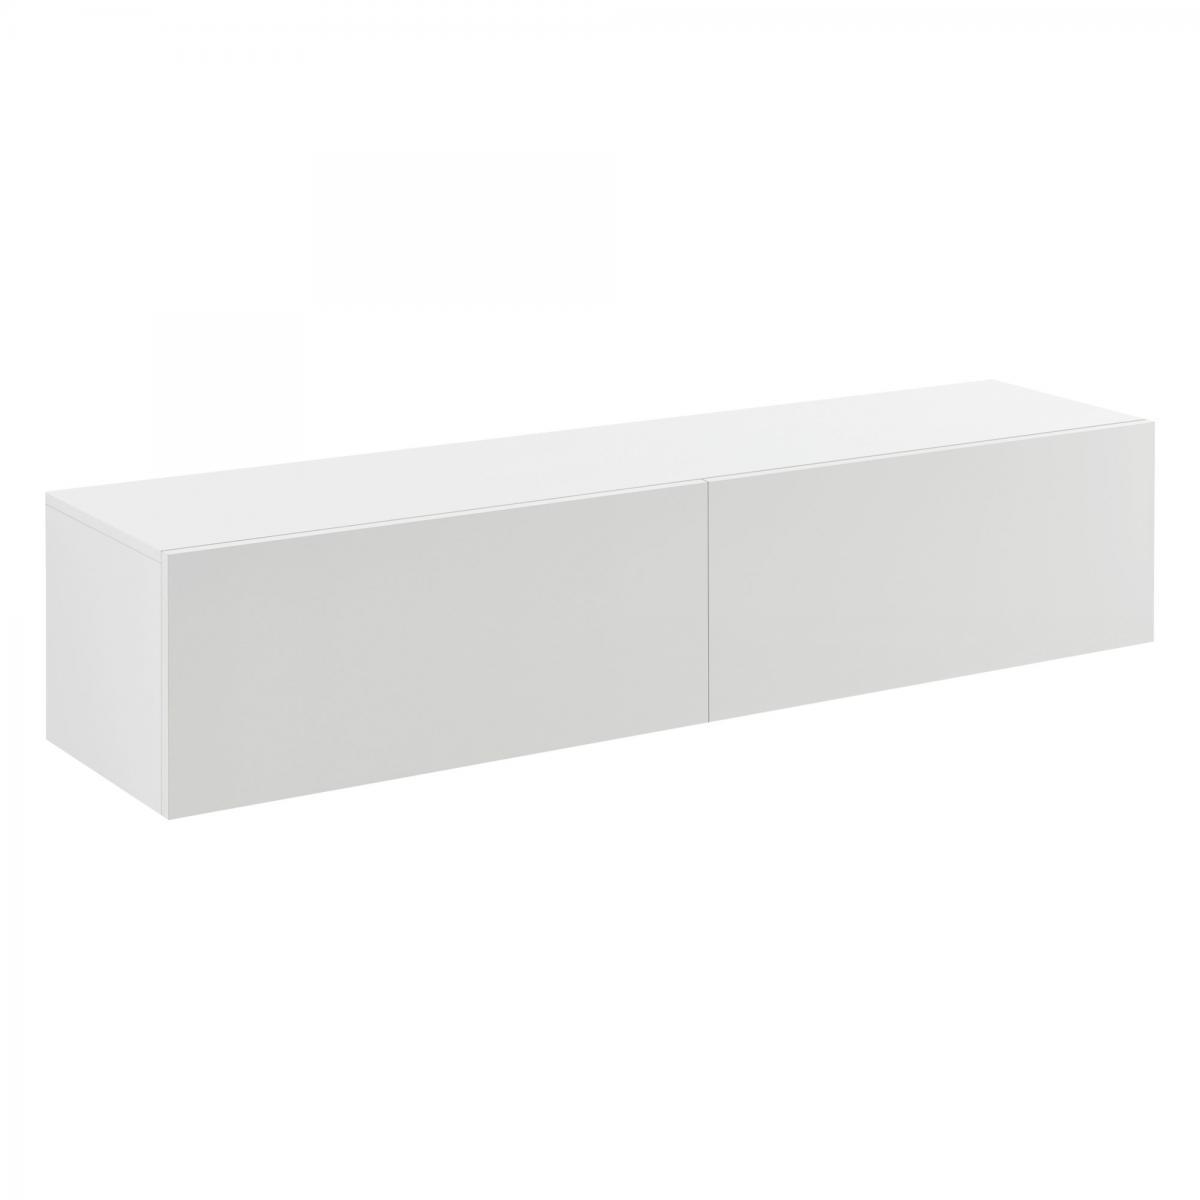 Helloshop26 Étagère murale design meuble support TV stylé avec 2 tiroirs 140 cm blanc 03_0005188